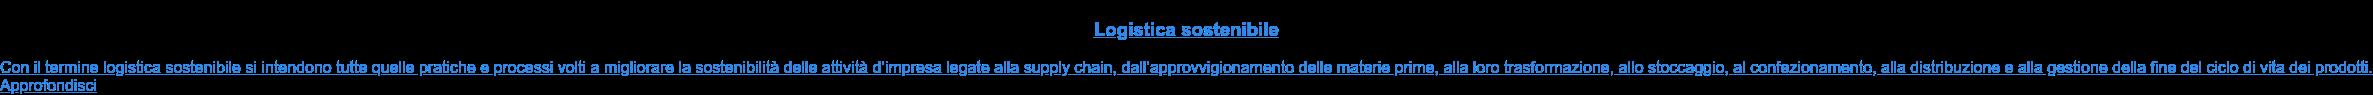 Logistica sostenibile  Con il termine logistica sostenibile si intendono tutte quelle pratiche e  processi volti a migliorare la sostenibilità delle attività d'impresa legate  alla supply chain, dall'approvvigionamento delle materie prime, alla loro  trasformazione, allo stoccaggio, al confezionamento, alla distribuzione e alla  gestione della fine del ciclo di vita dei prodotti. Approfondisci